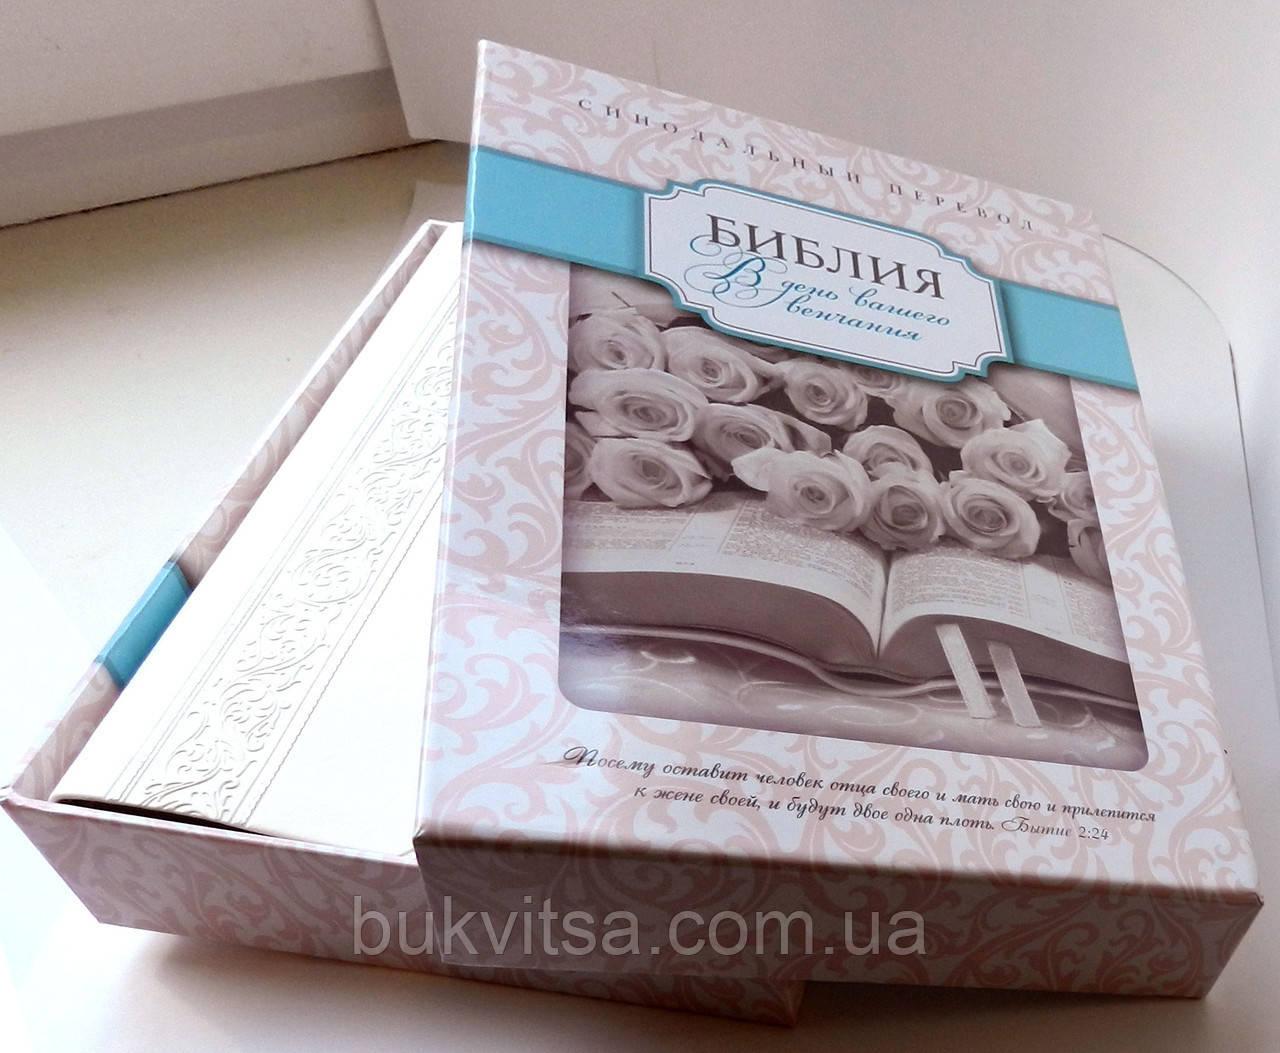 Подарункова Біблія у день вашого вінчання, біла, з тисненням